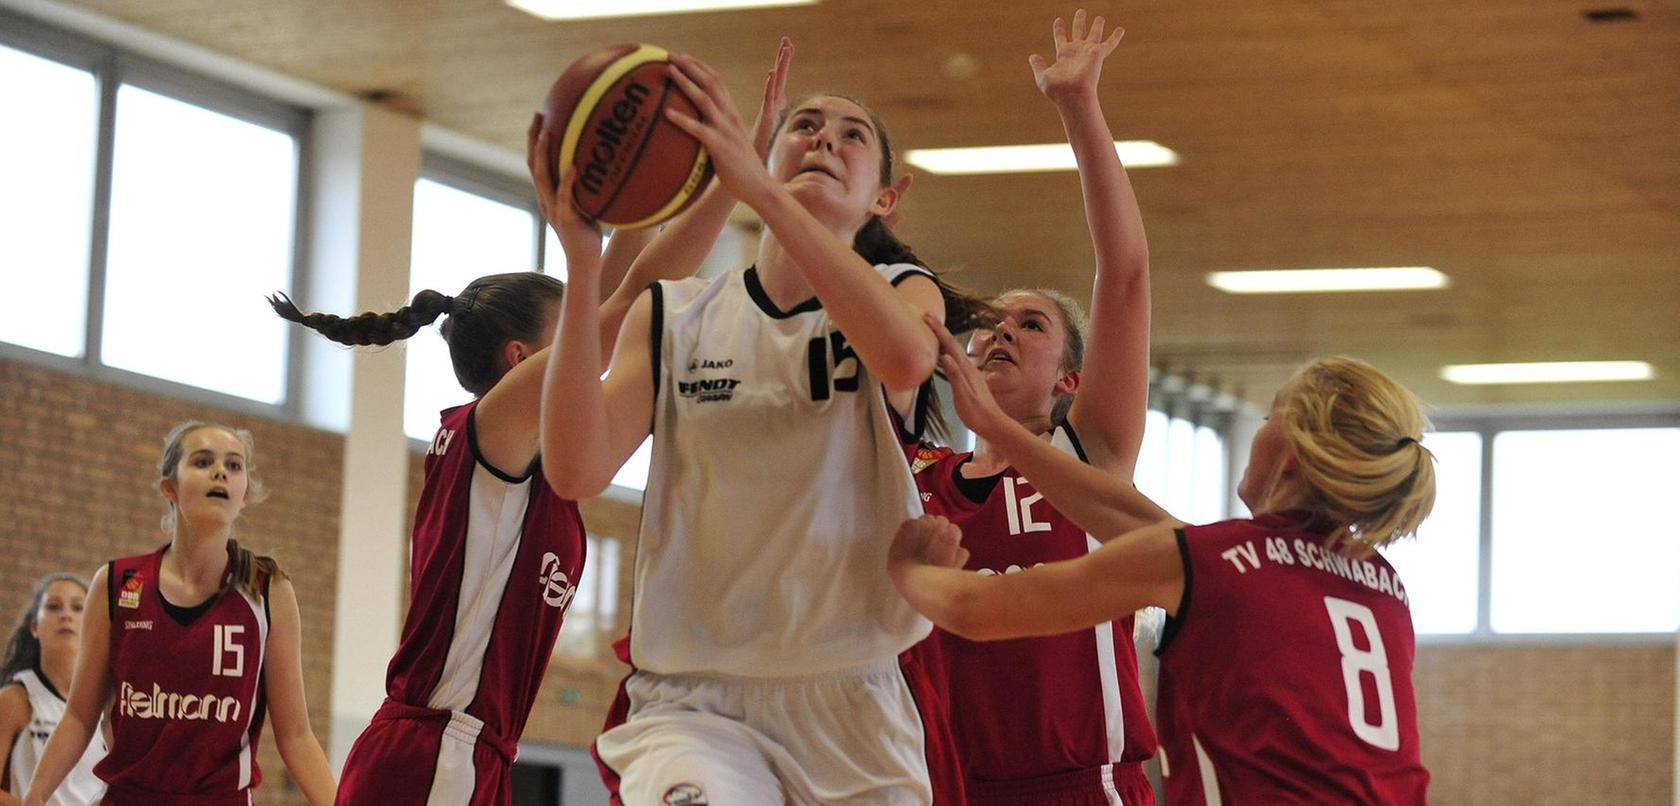 """Luisa (mit Ball) überragt ihre Spielerinnen mit ihrer Größe von 1,92 Metern. Daher spielt die 14-Jährige auch meistens auf der Position des """"Center"""", die einen guten Überblick verlangt. Luisas Traum ist es, in der Nationalmannschaft zu spielen und eine Profi-Karriere in den USA zu starten. Foto: Jochen Aumann"""